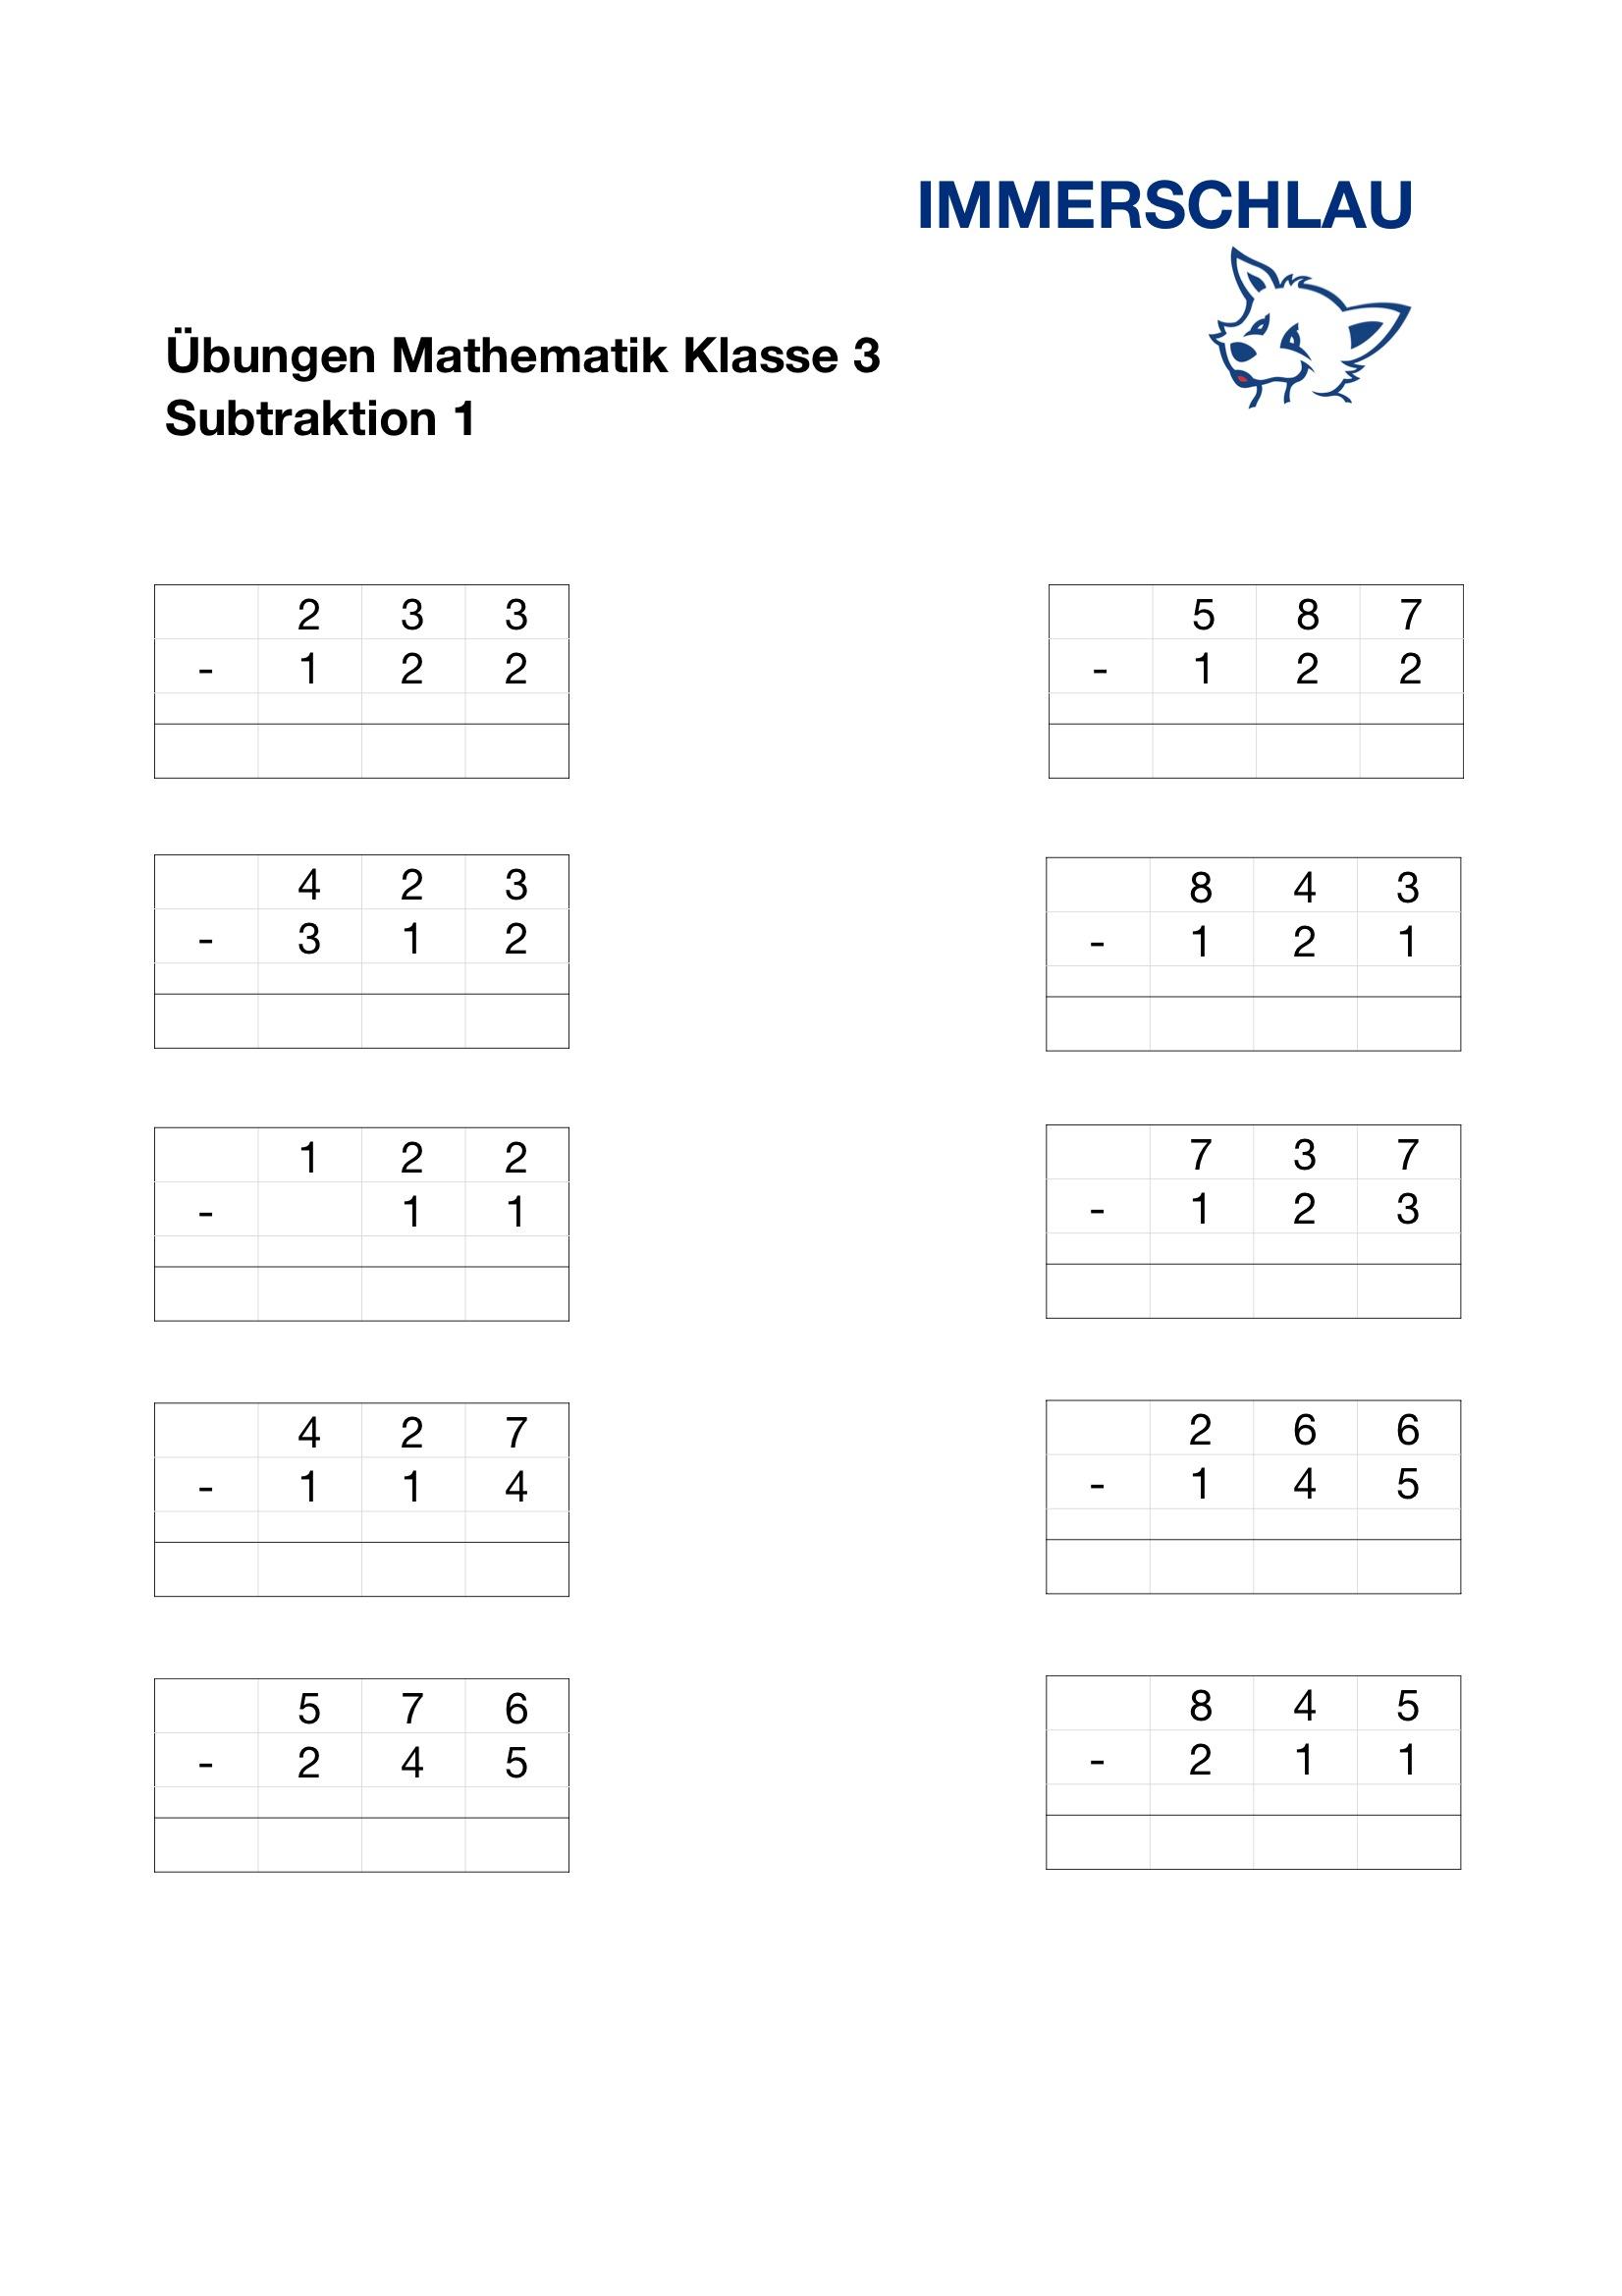 Mathematik Klasse 3 - Übungen zur Subtraktion